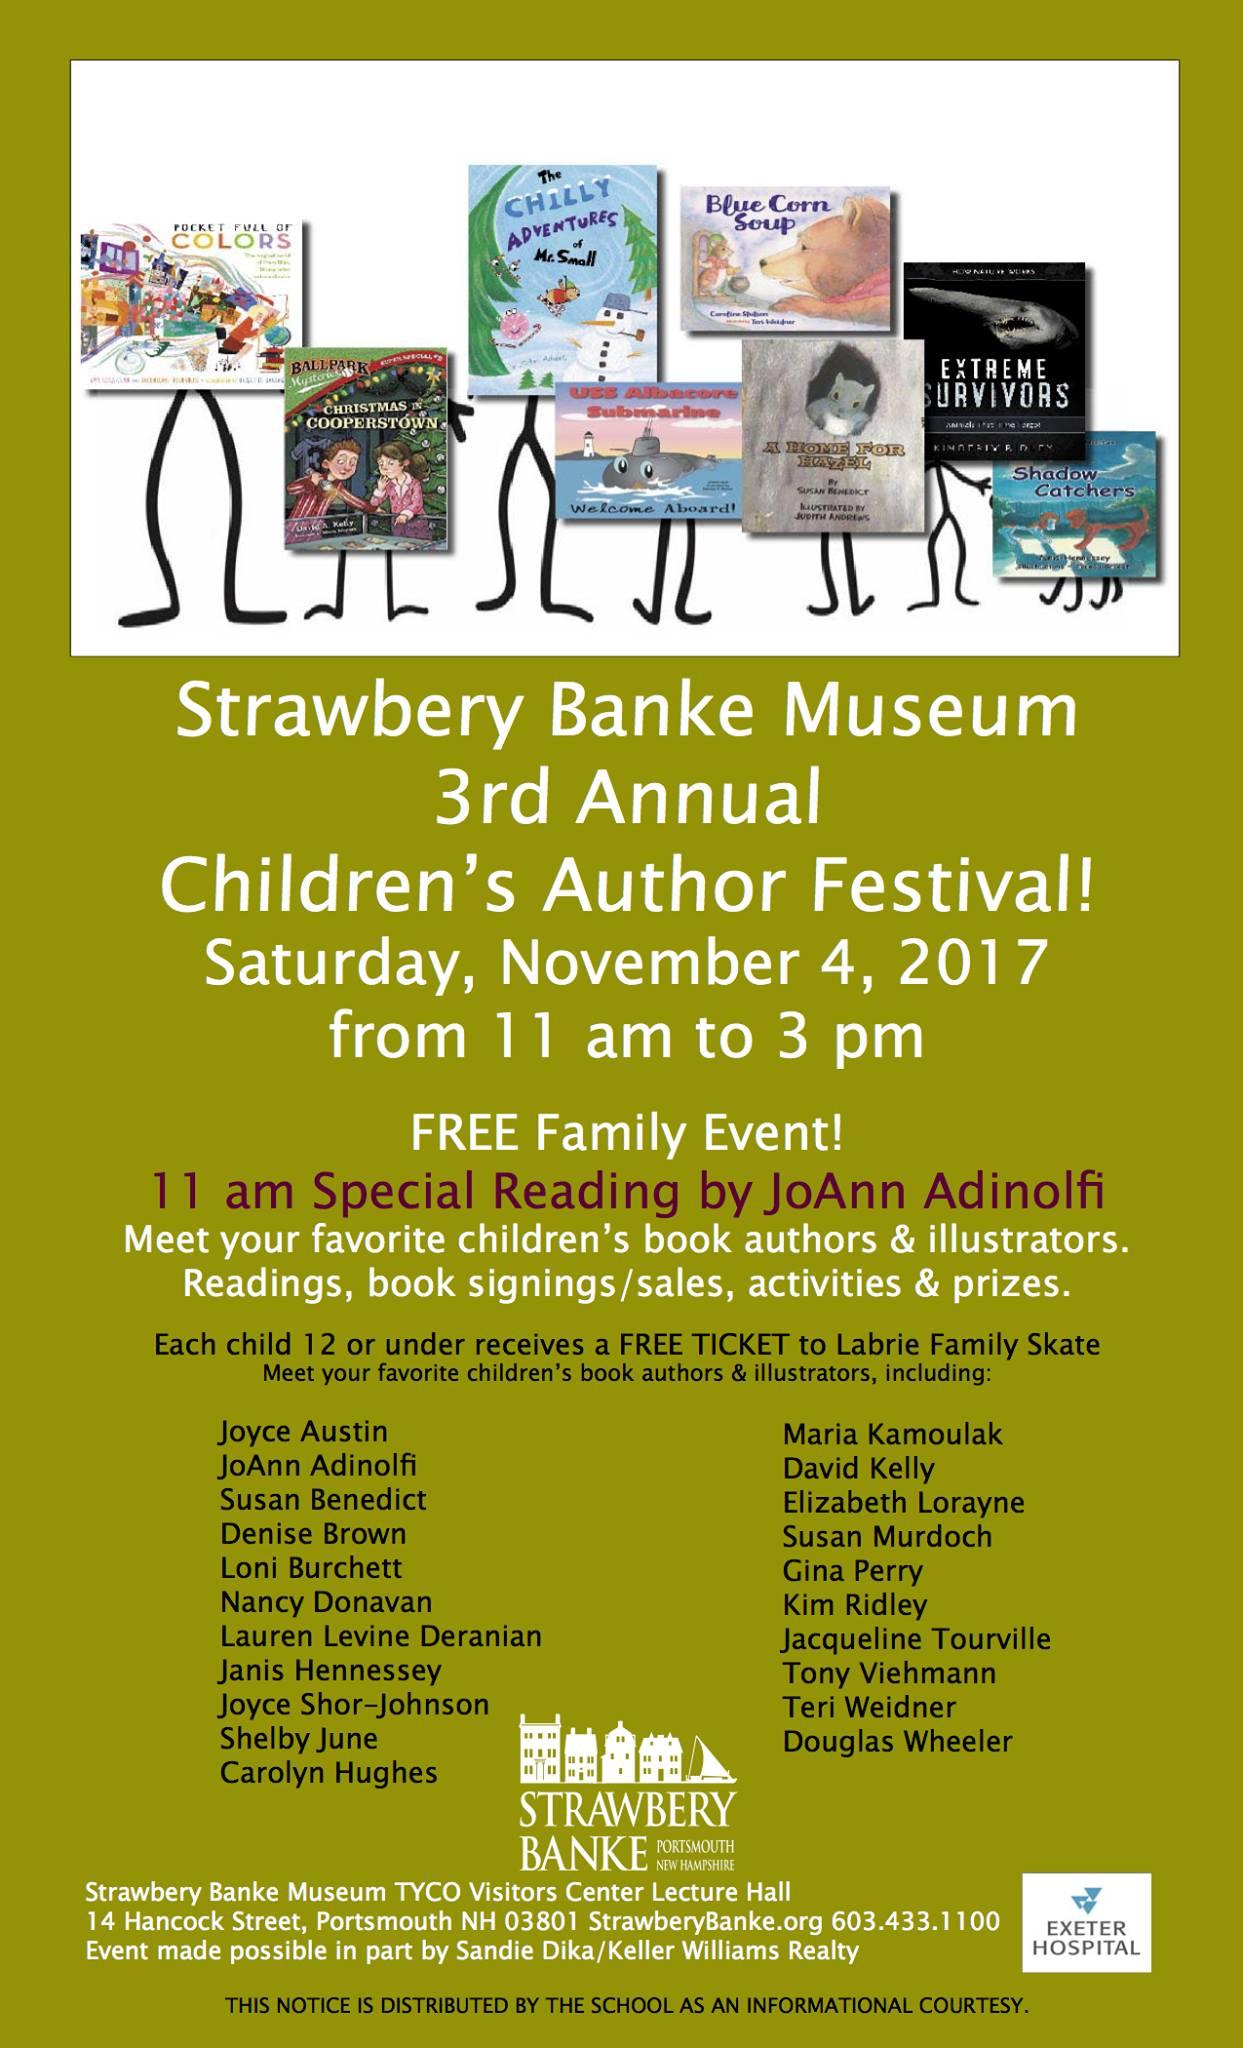 Strawbery Banke Children's Author Festival.jpg